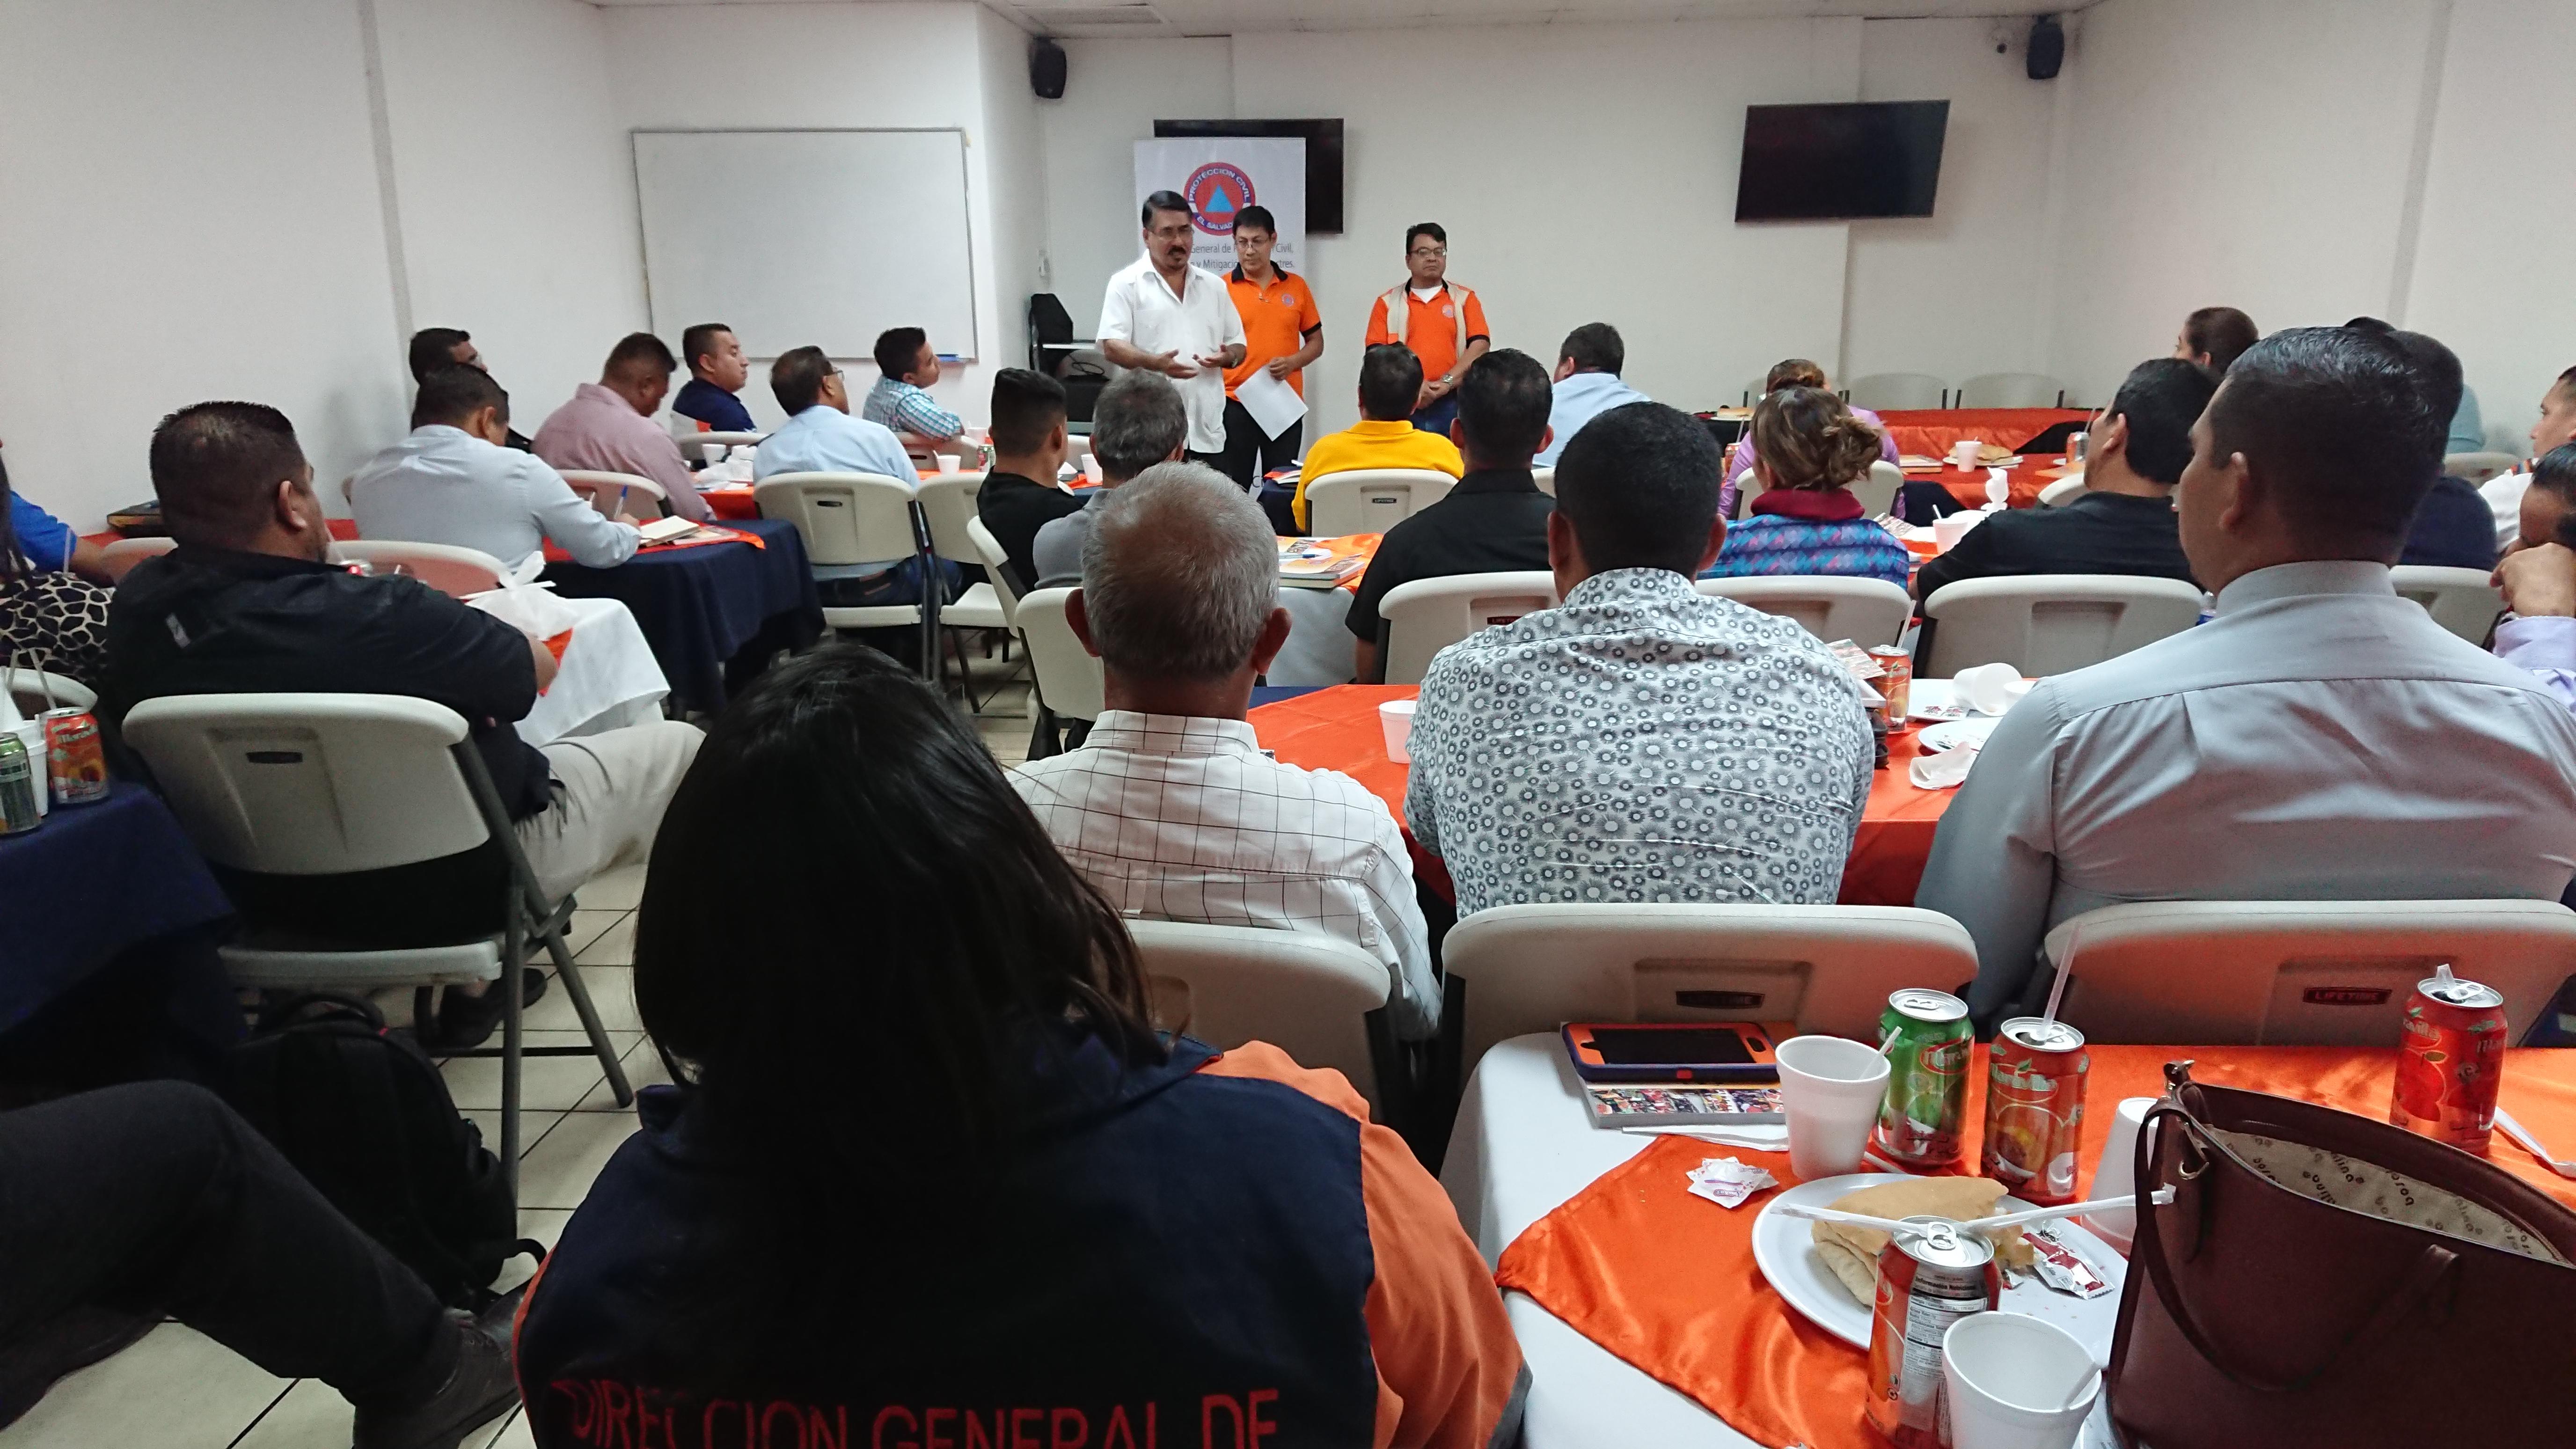 Dirección General de Protección Civil fortalece capacidades de Comisiones Municipales de Protección Civil del Departamento de San Vicente       28/JUNIO/2018